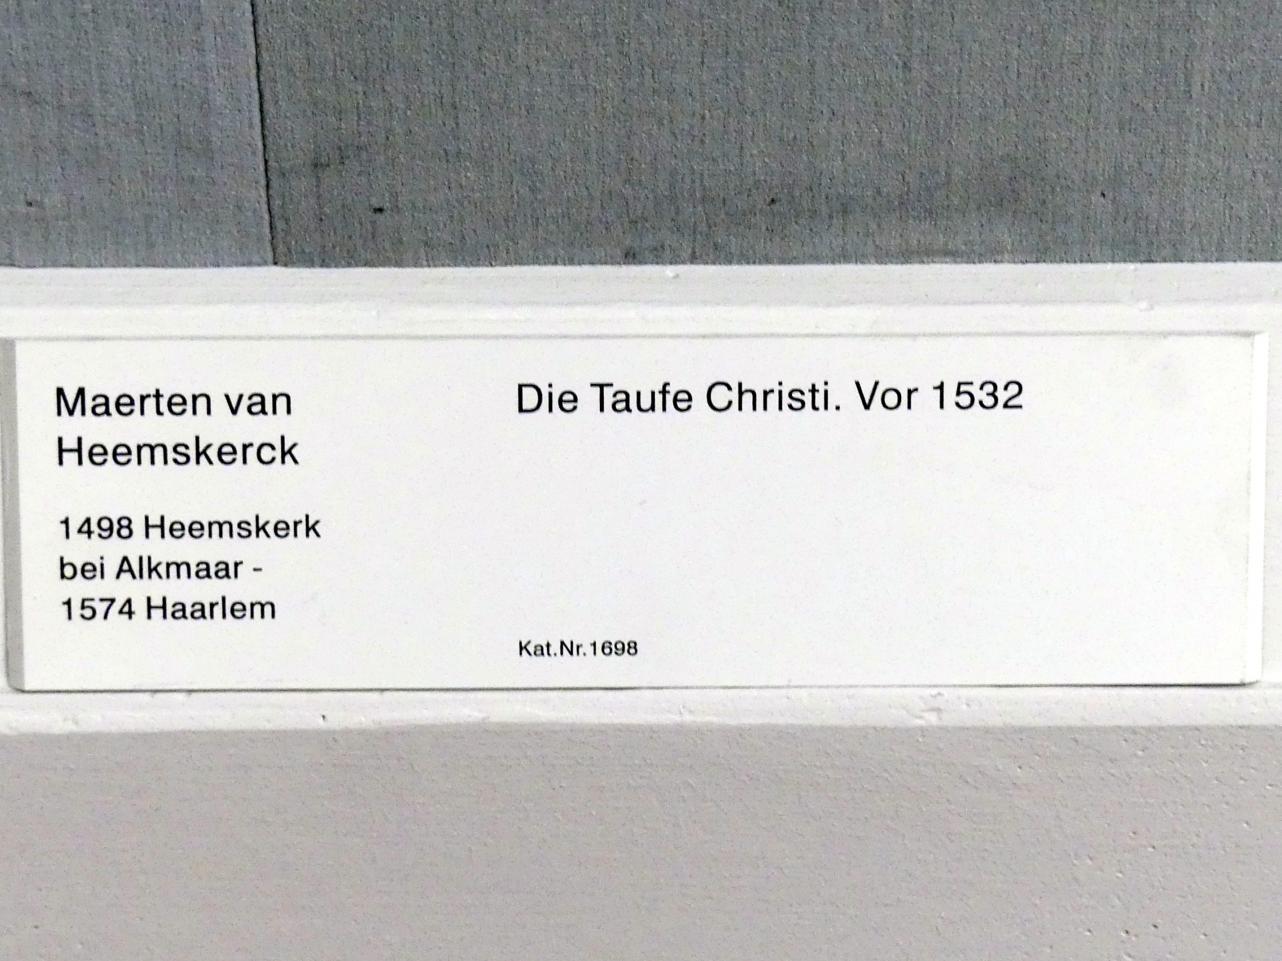 Maarten van Heemskerck: Die Taufe Christi, vor 1532, Bild 2/2